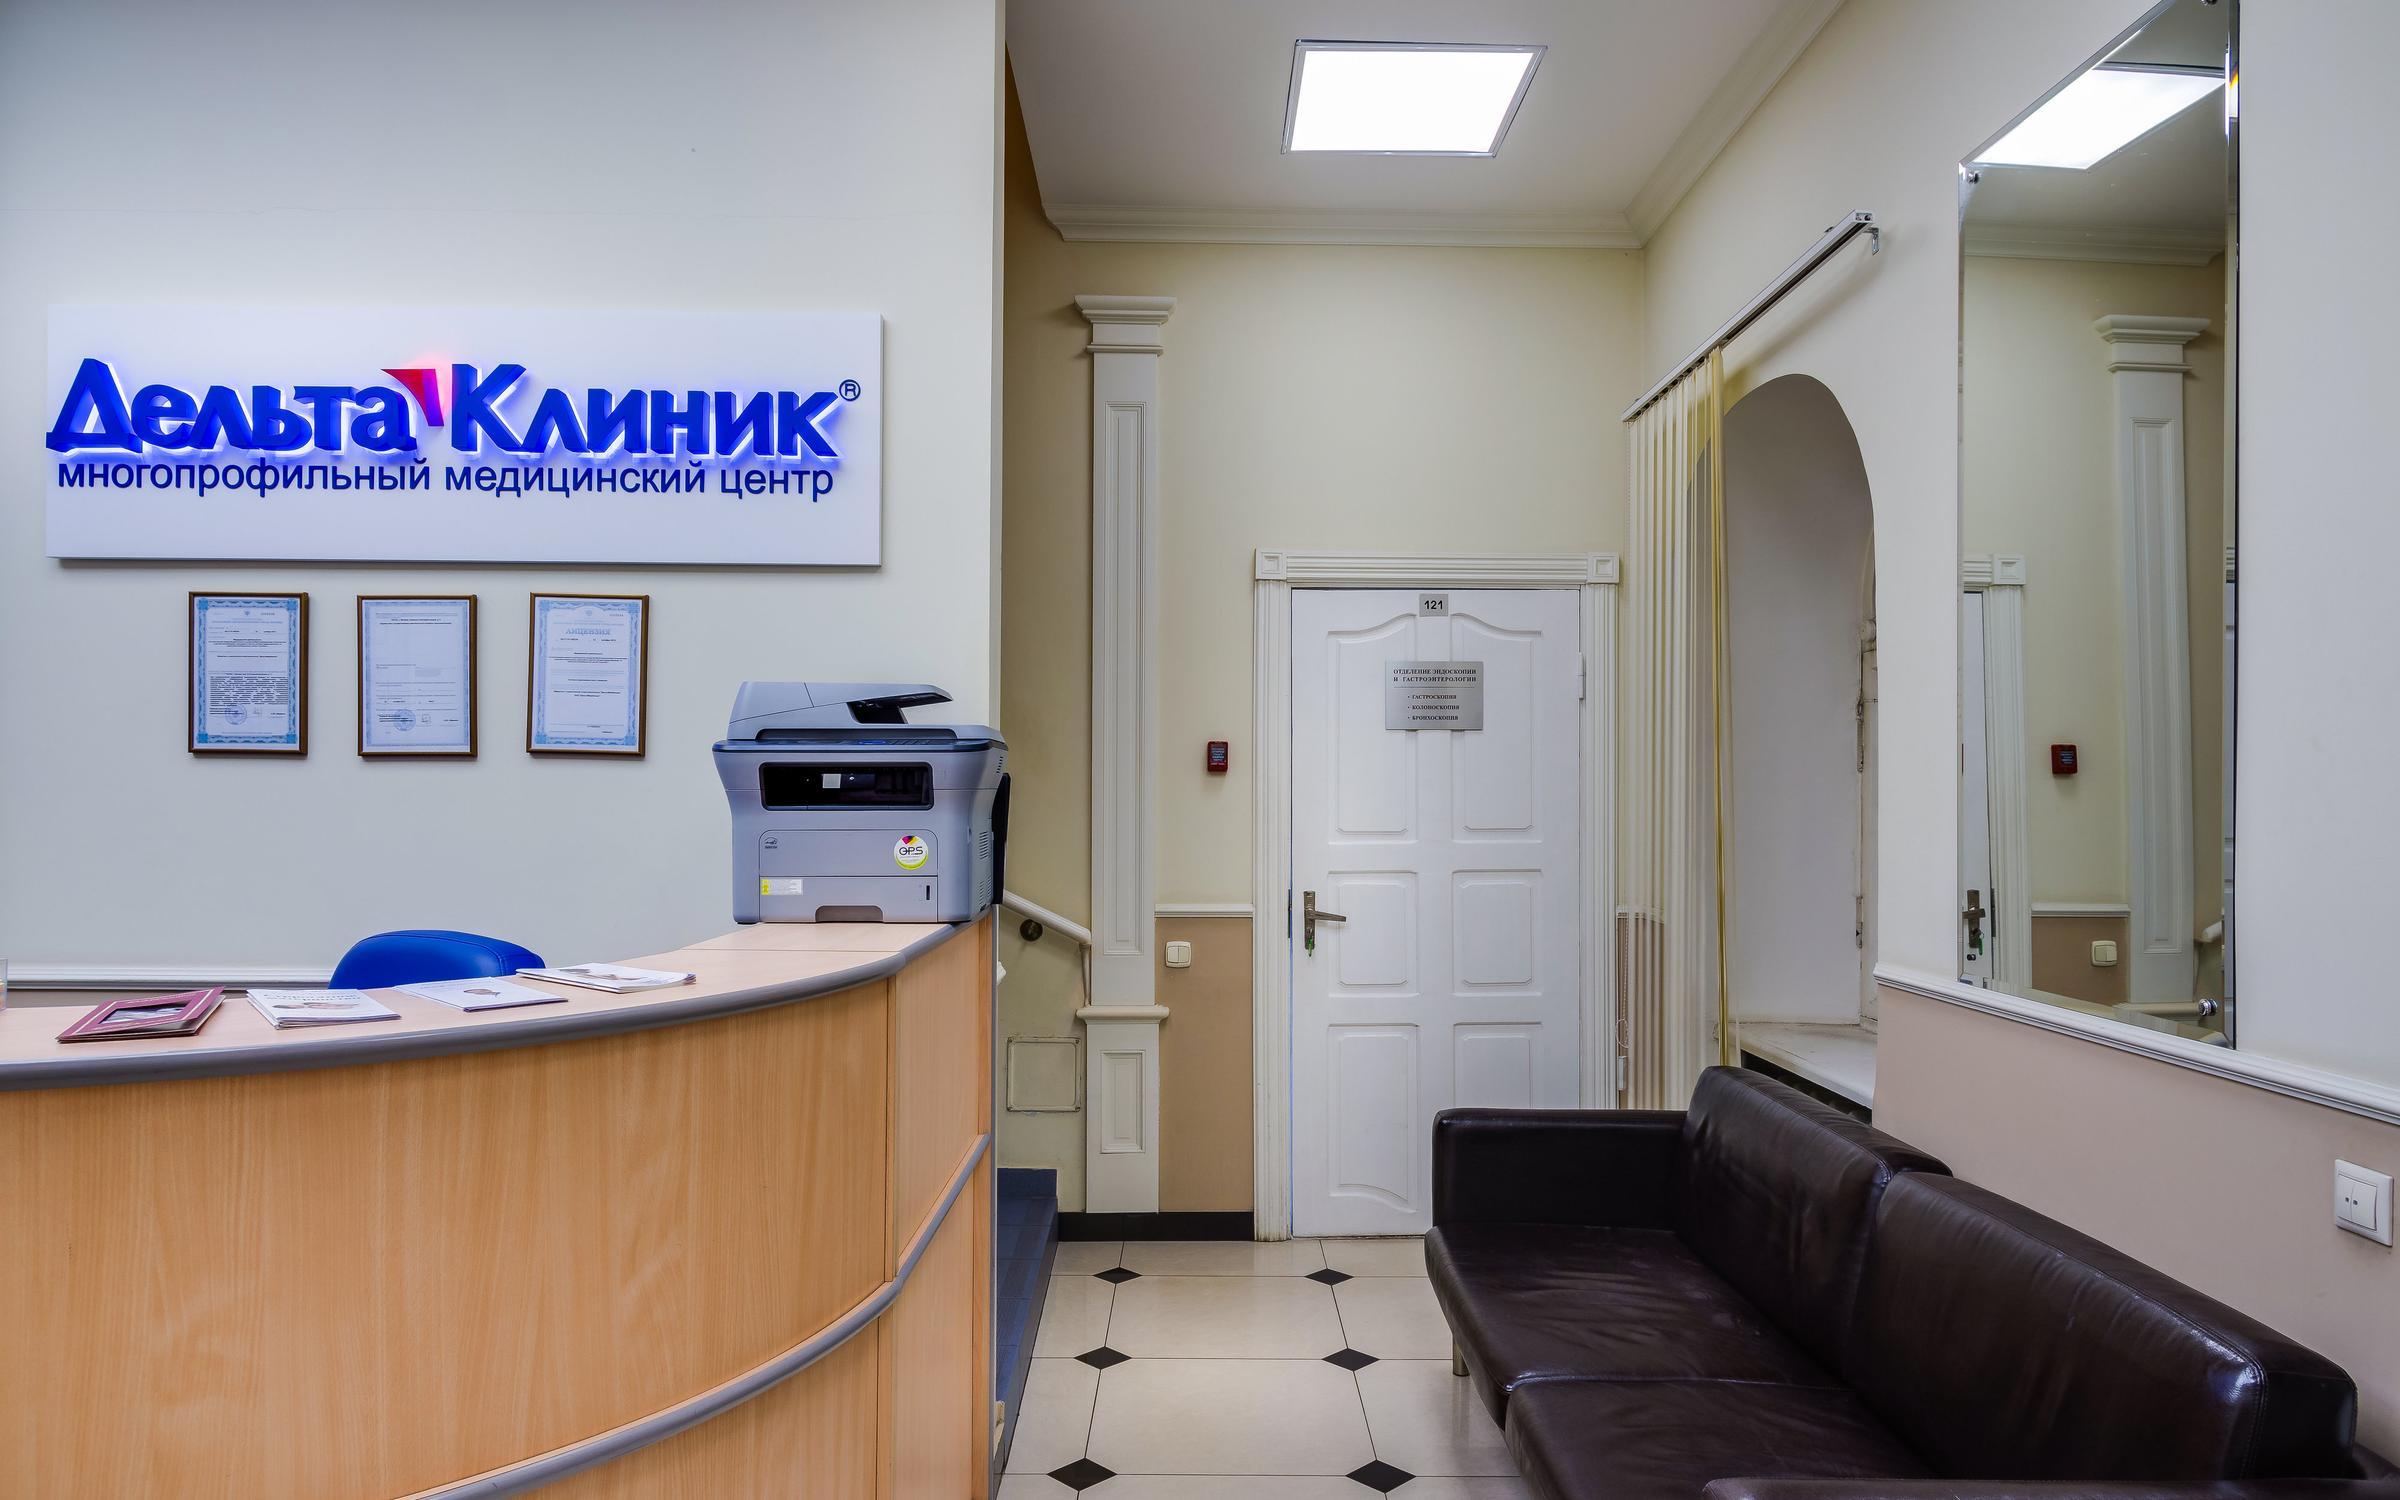 фотография Медицинского центра ДельтаКлиник на метро Чкаловская